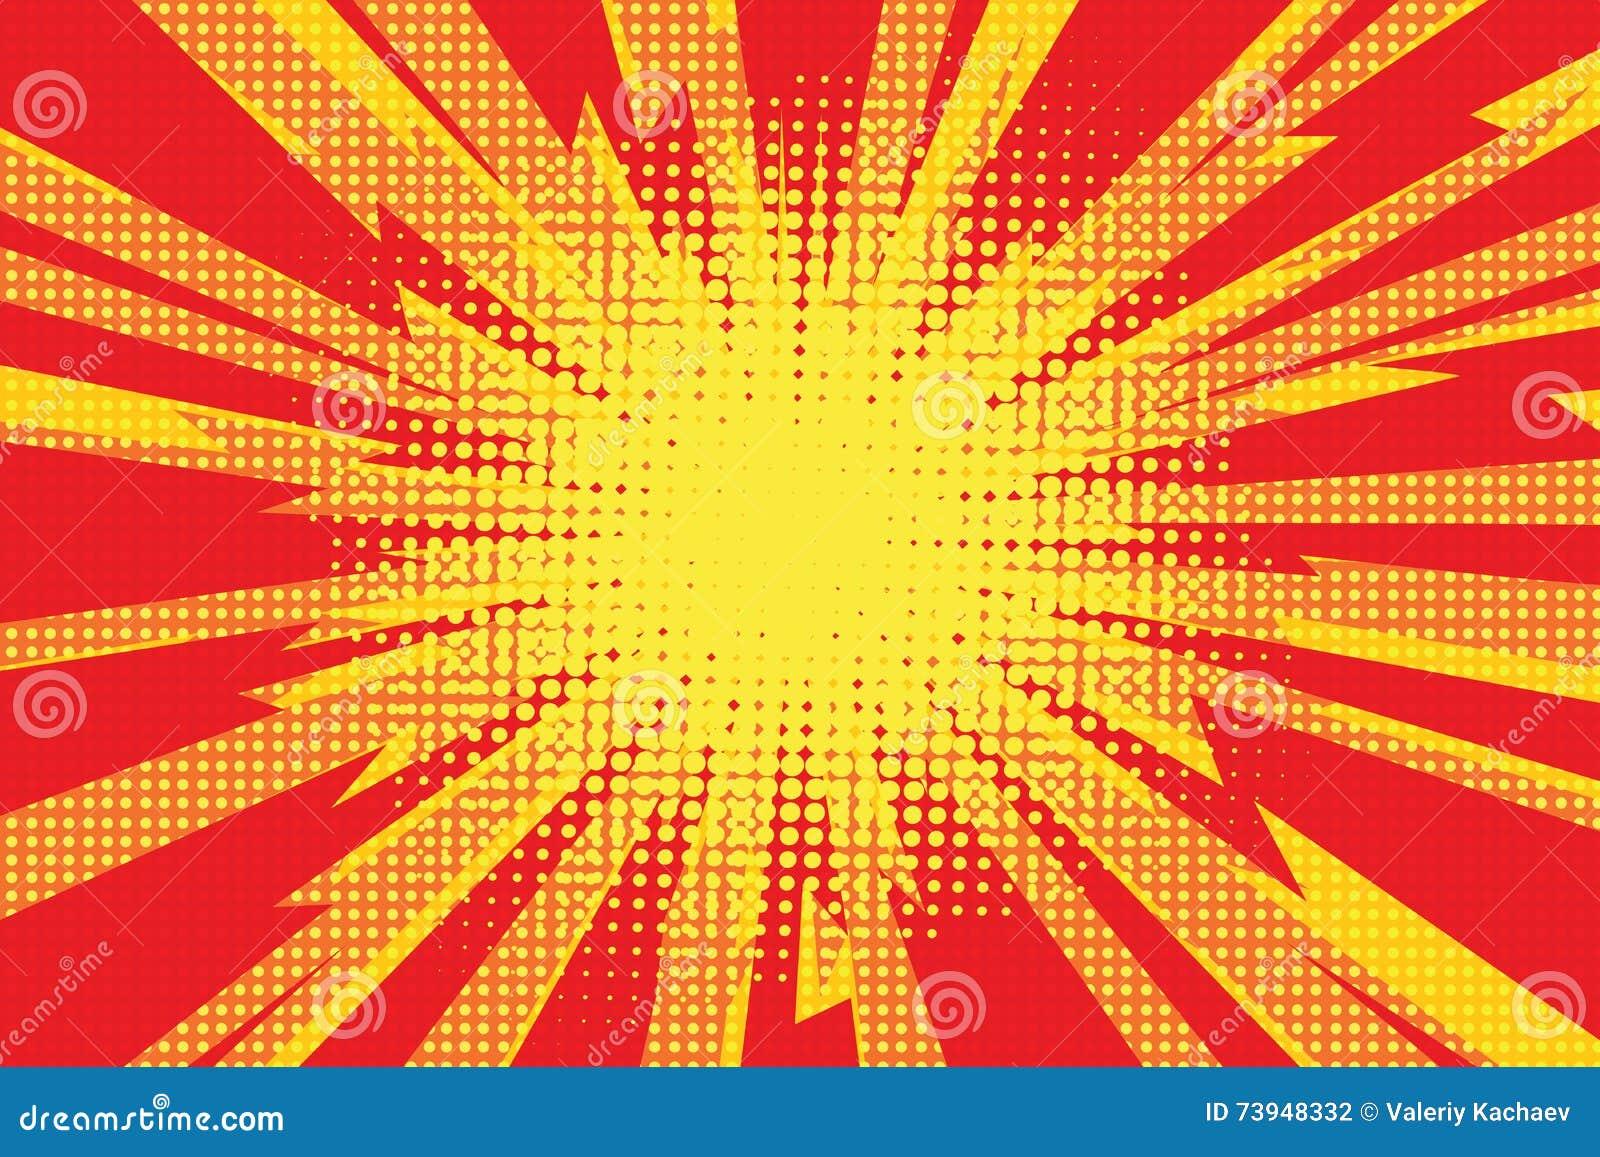 Radi retro amarillo rojo de la ráfaga del relámpago de la historieta del fondo del arte pop